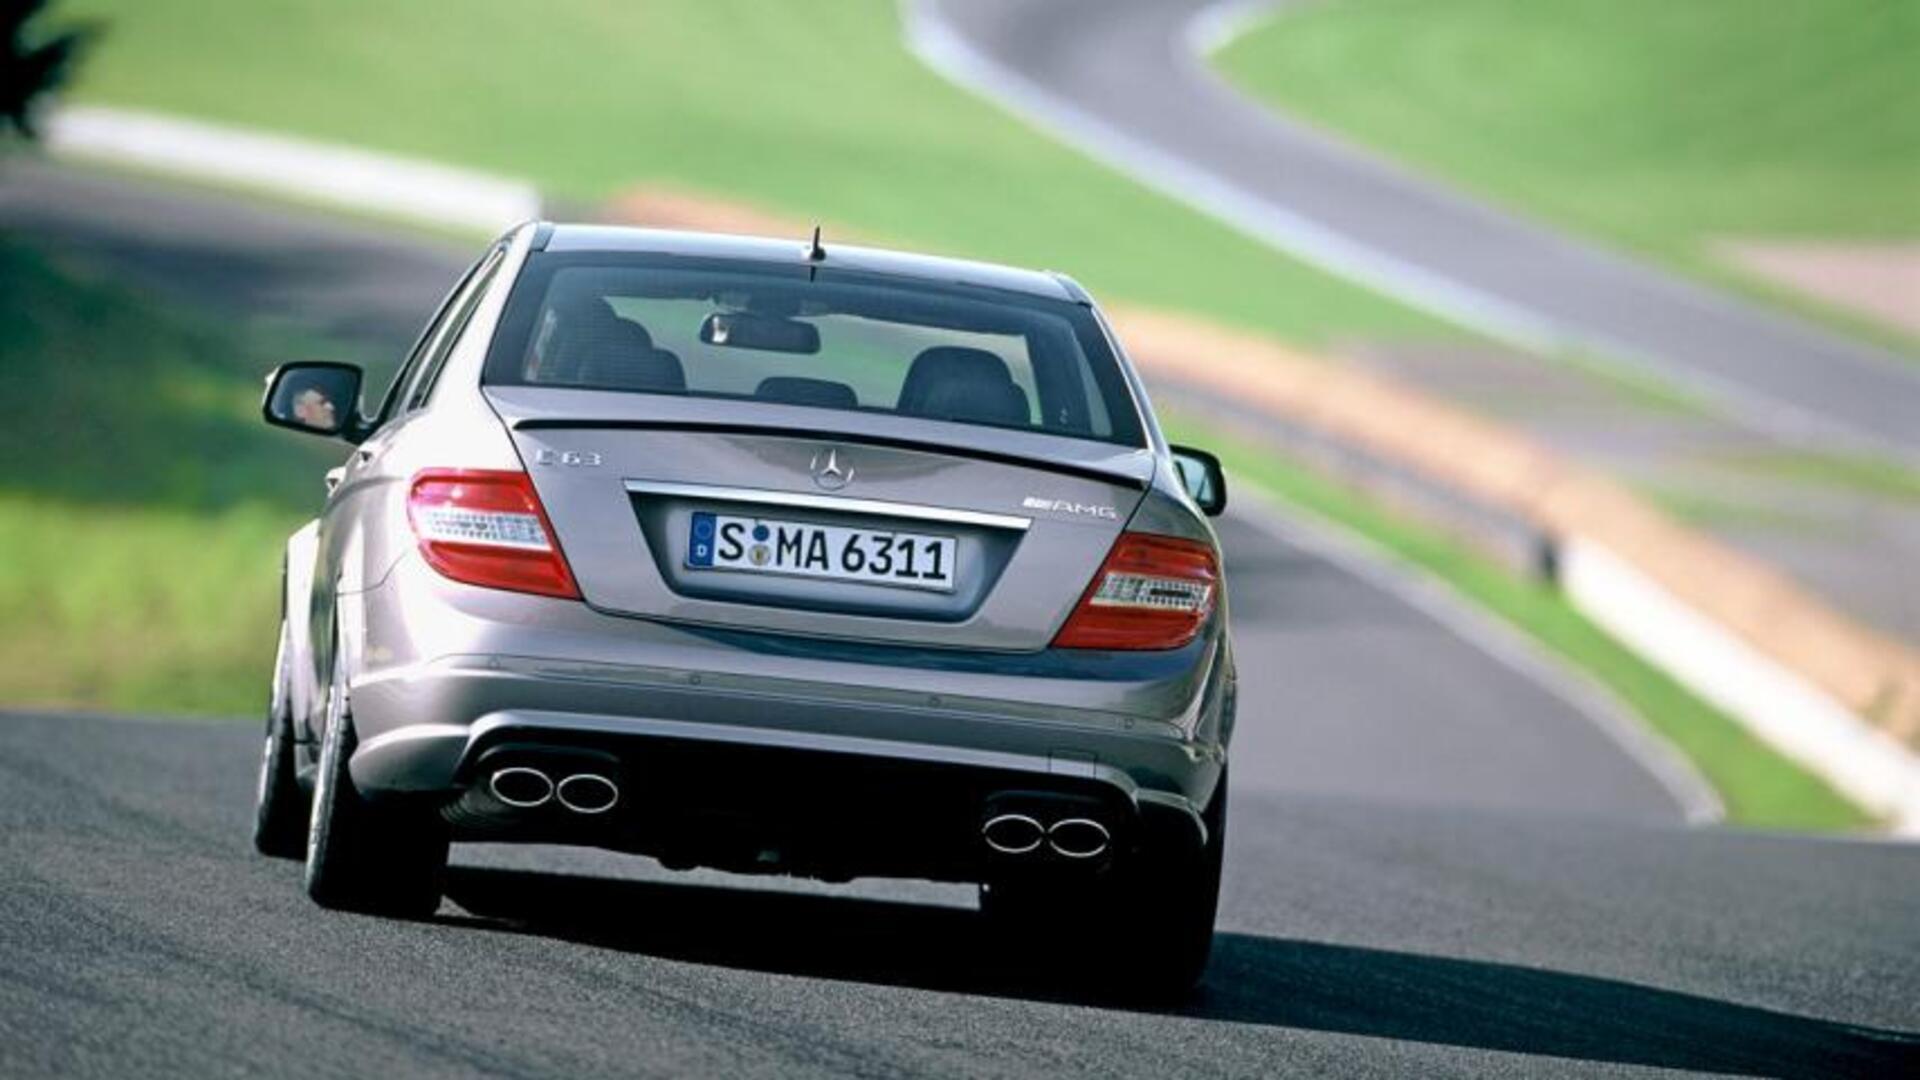 Mercedes C63 Amg 2007 W204 1846639